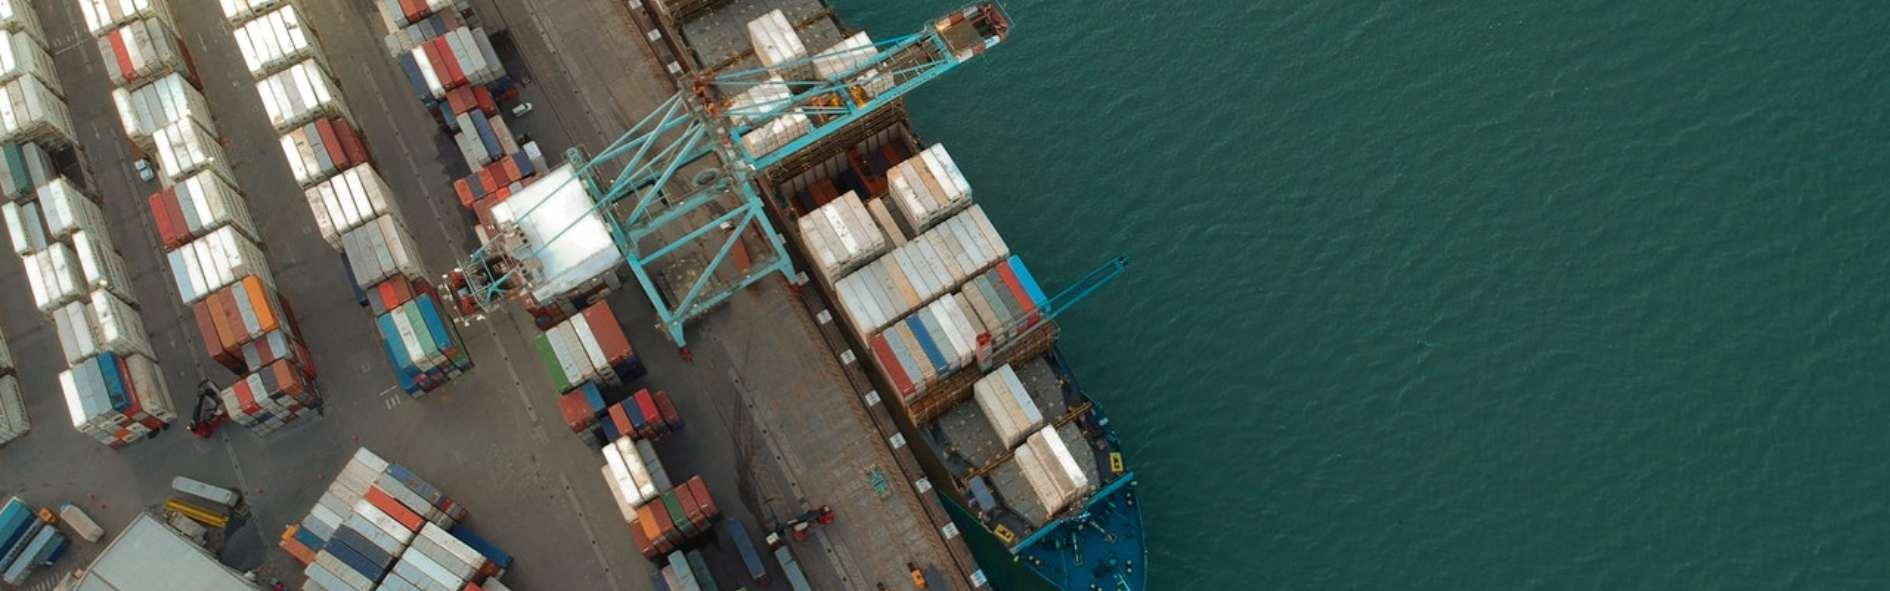 Descubre el crédito documentario y su importancia en transacciones comerciales internacionales